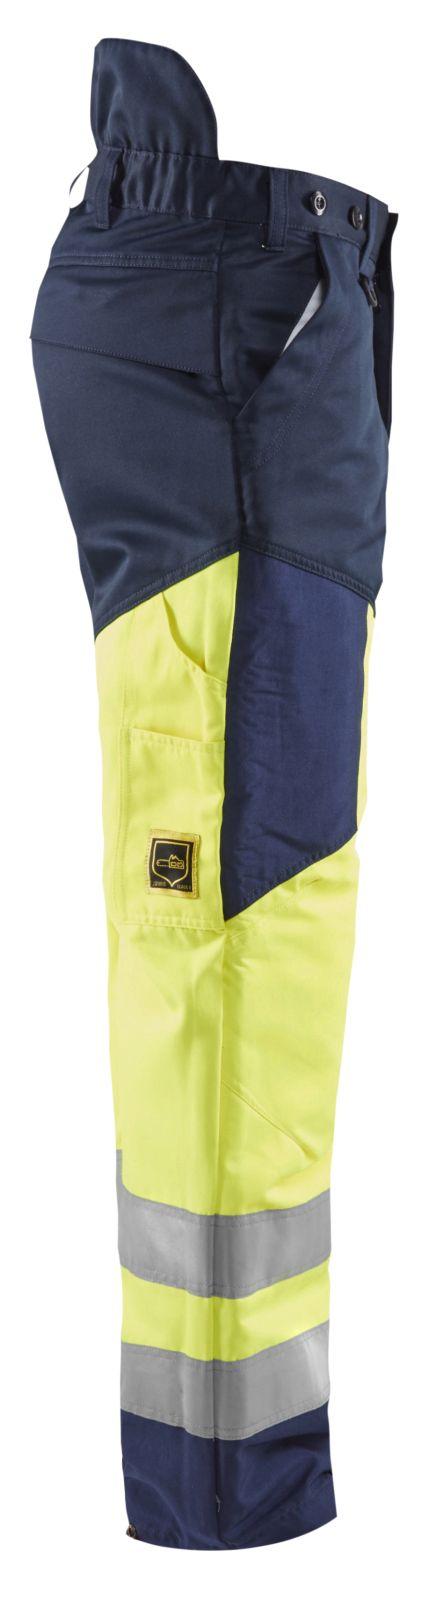 Blaklader Zaagbroeken 19201900 High Vis geel-marineblauw(3389)